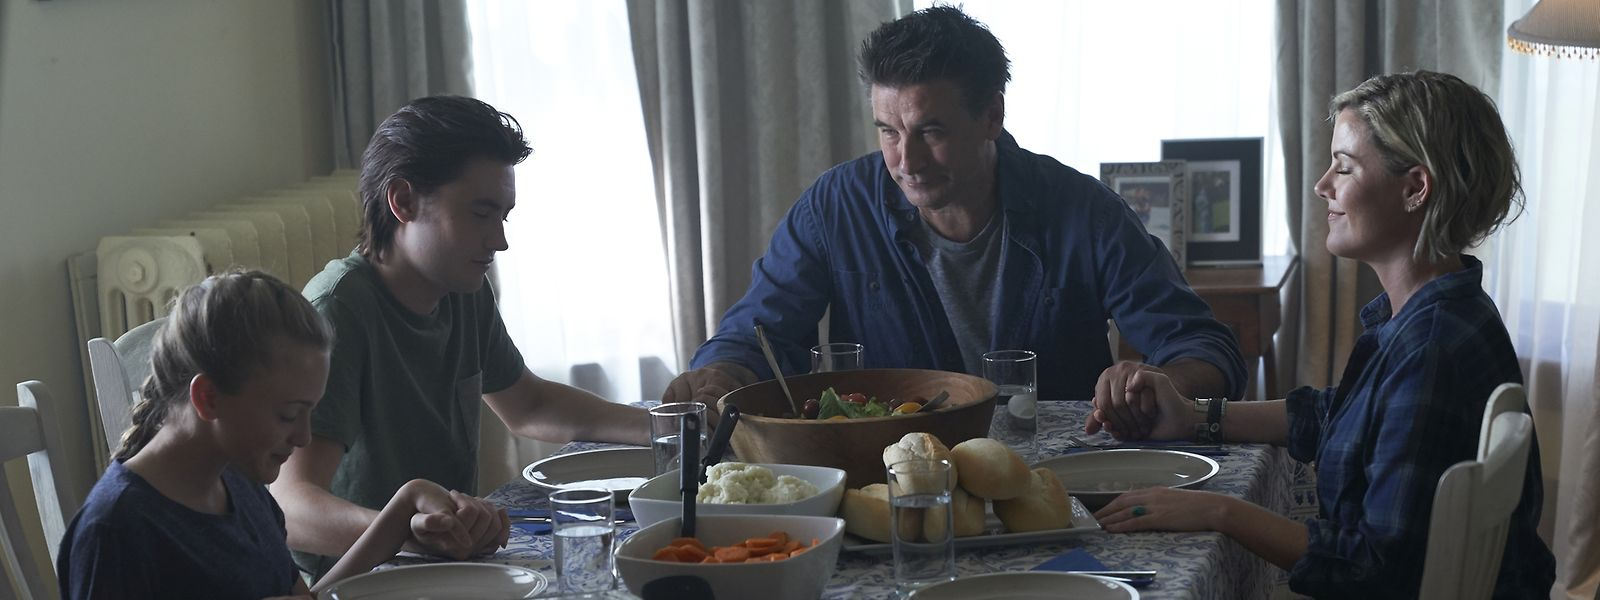 Taylor (Taylor Thorne), Scout (Spencer Macpherson), John (Billy Baldwin) und Tante Charlie (Kathleen Robertson) versuchen nach einem Schicksalsschlag Normalität zu leben.